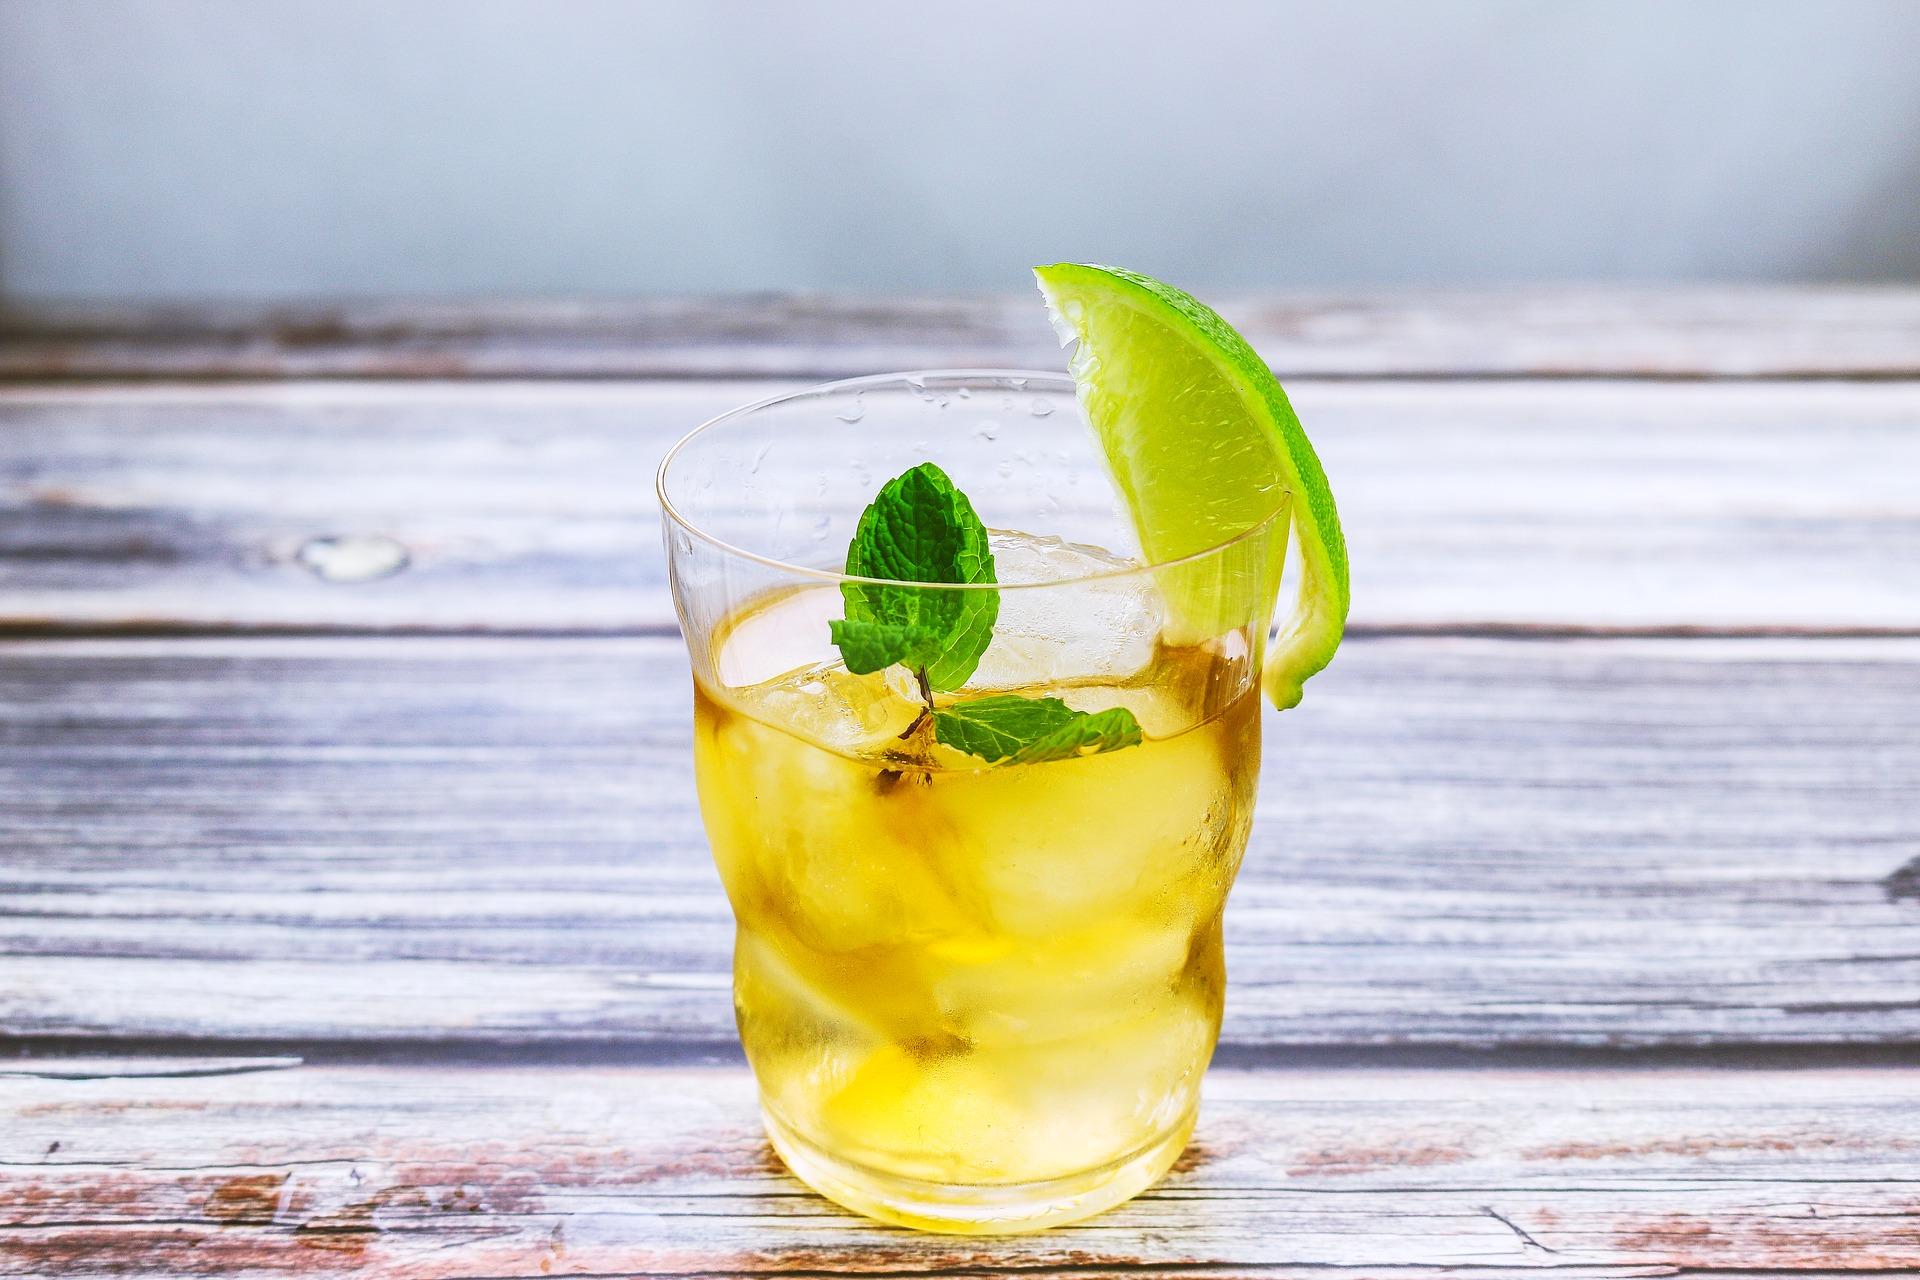 Auf's lange Wochenende: Noch einen Limoncello Spritz bitte!  #chinchin